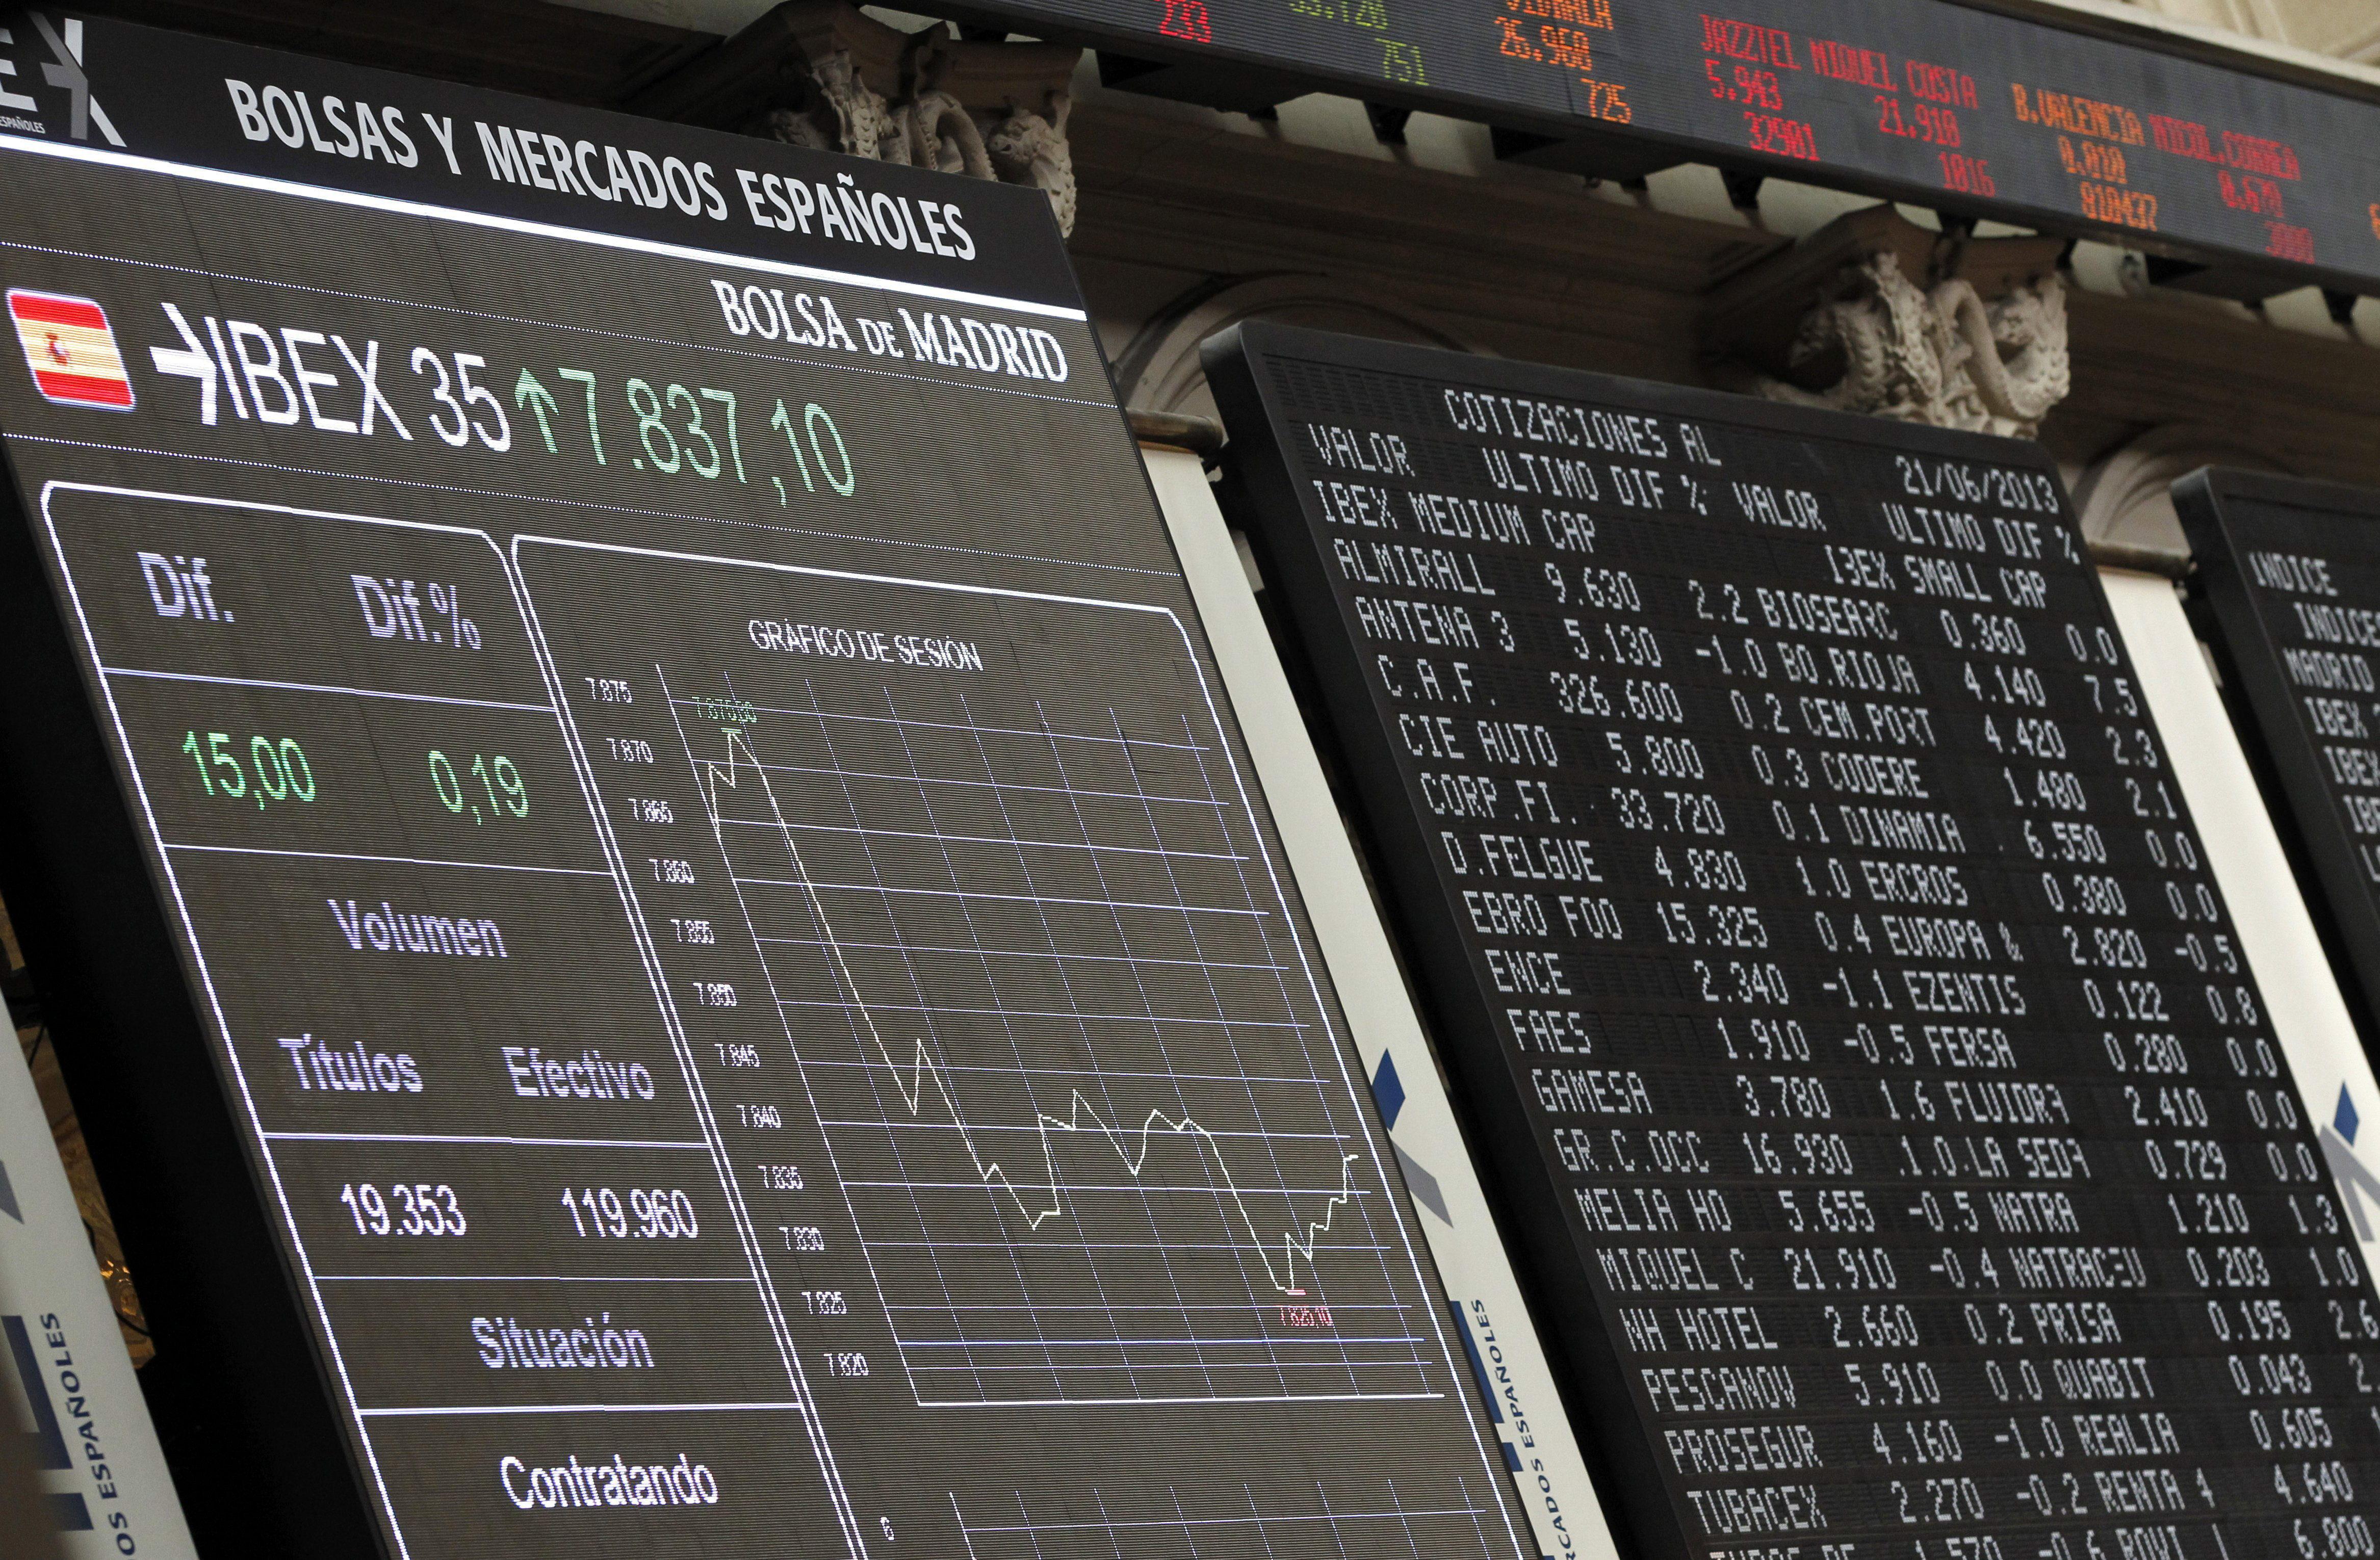 La bolsa abre con ganancias aunque el IBEX no llega a los 7.900 puntos